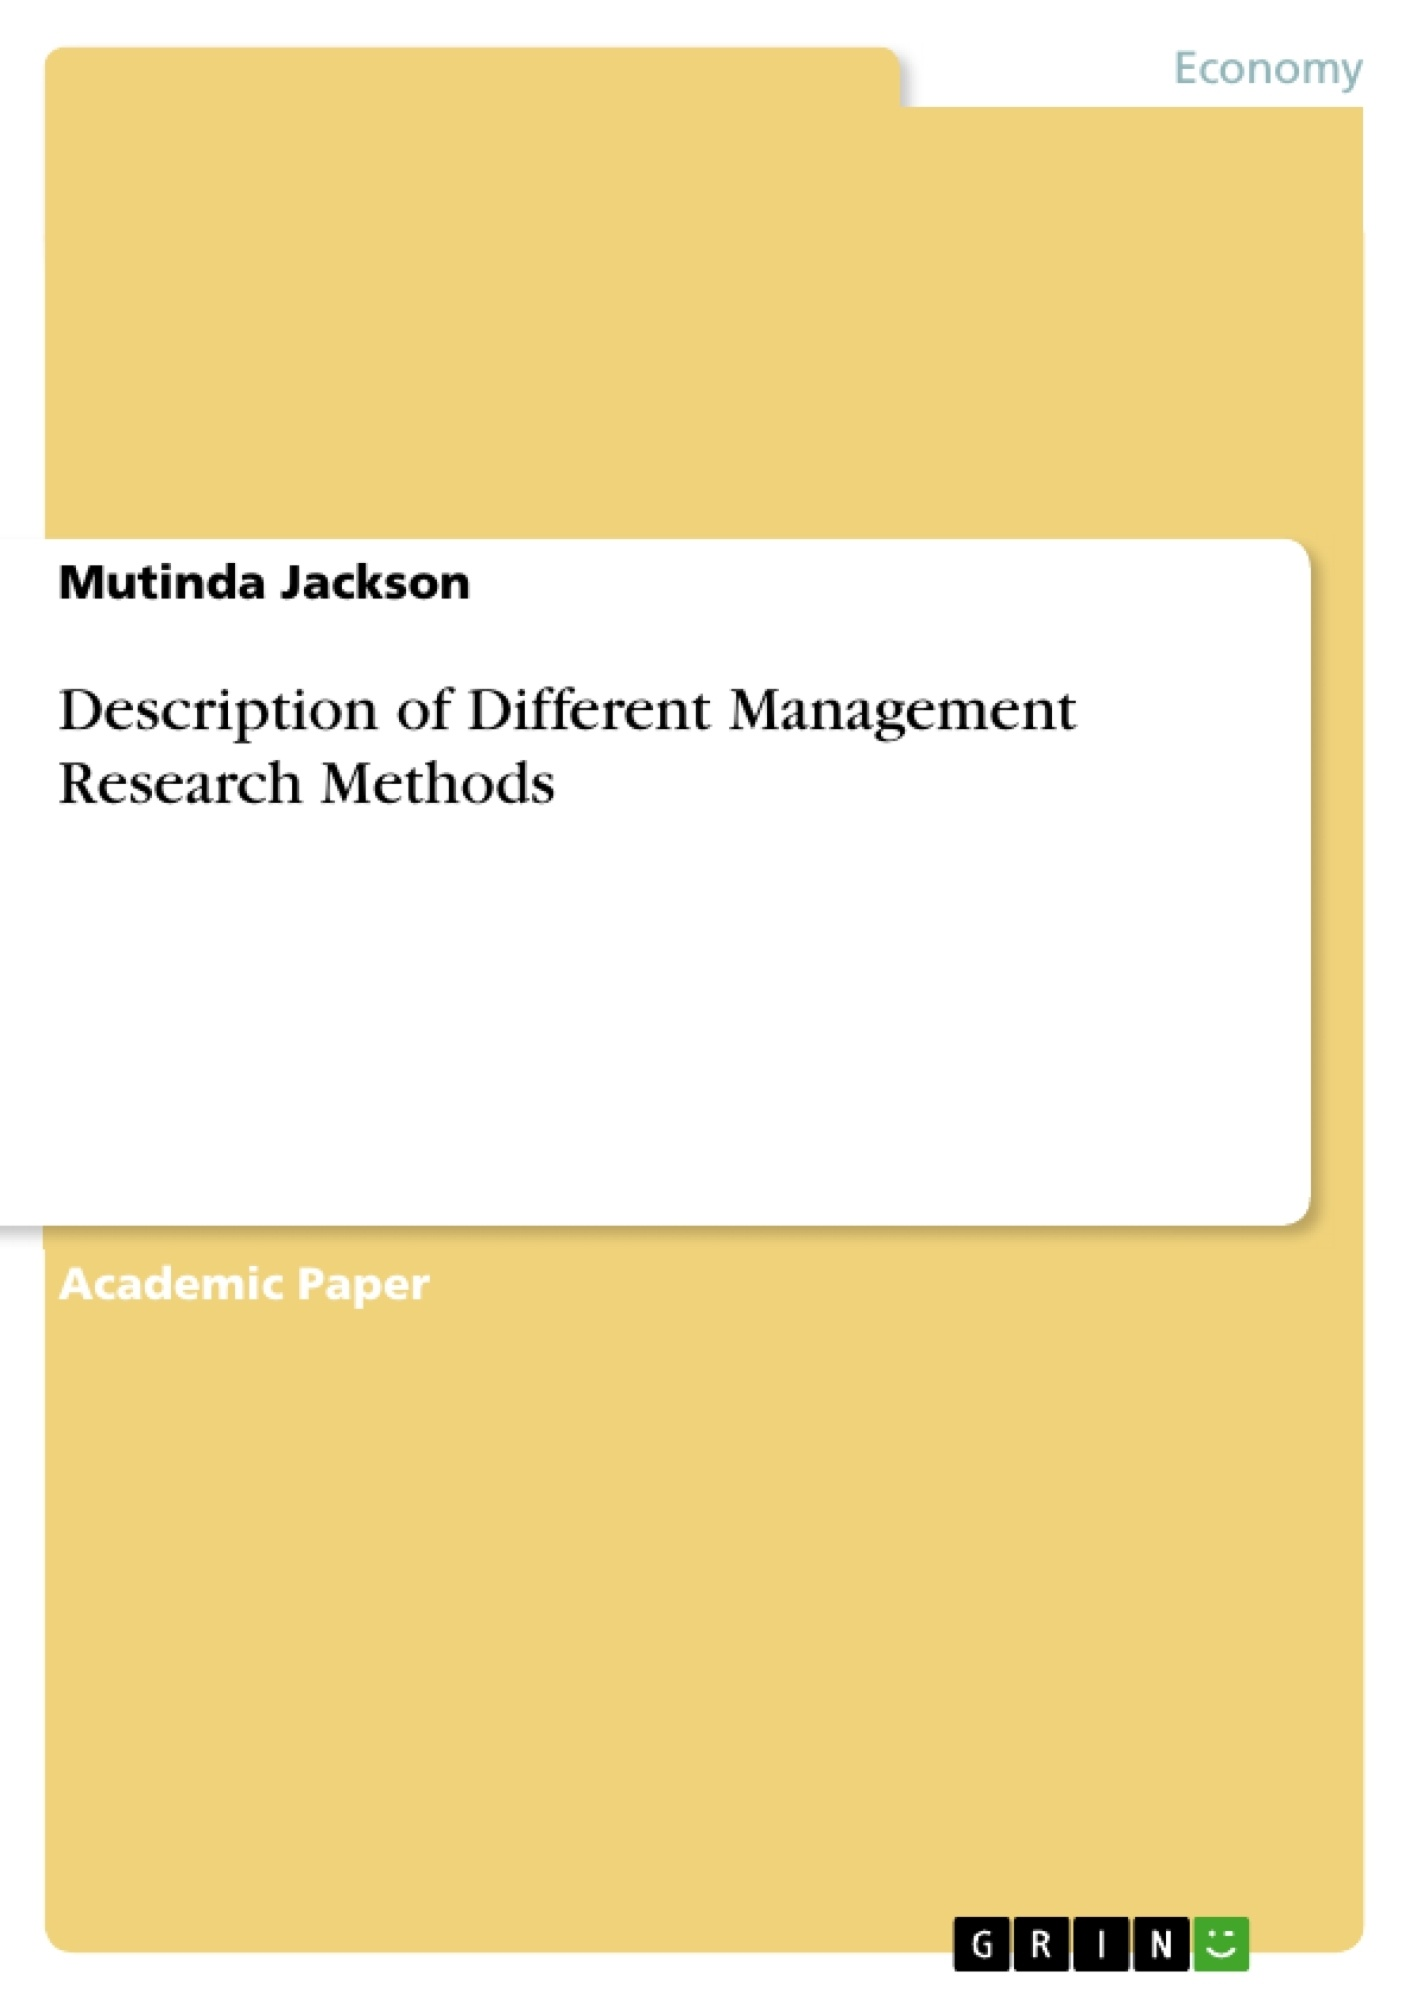 Title: Description of Different Management Research Methods